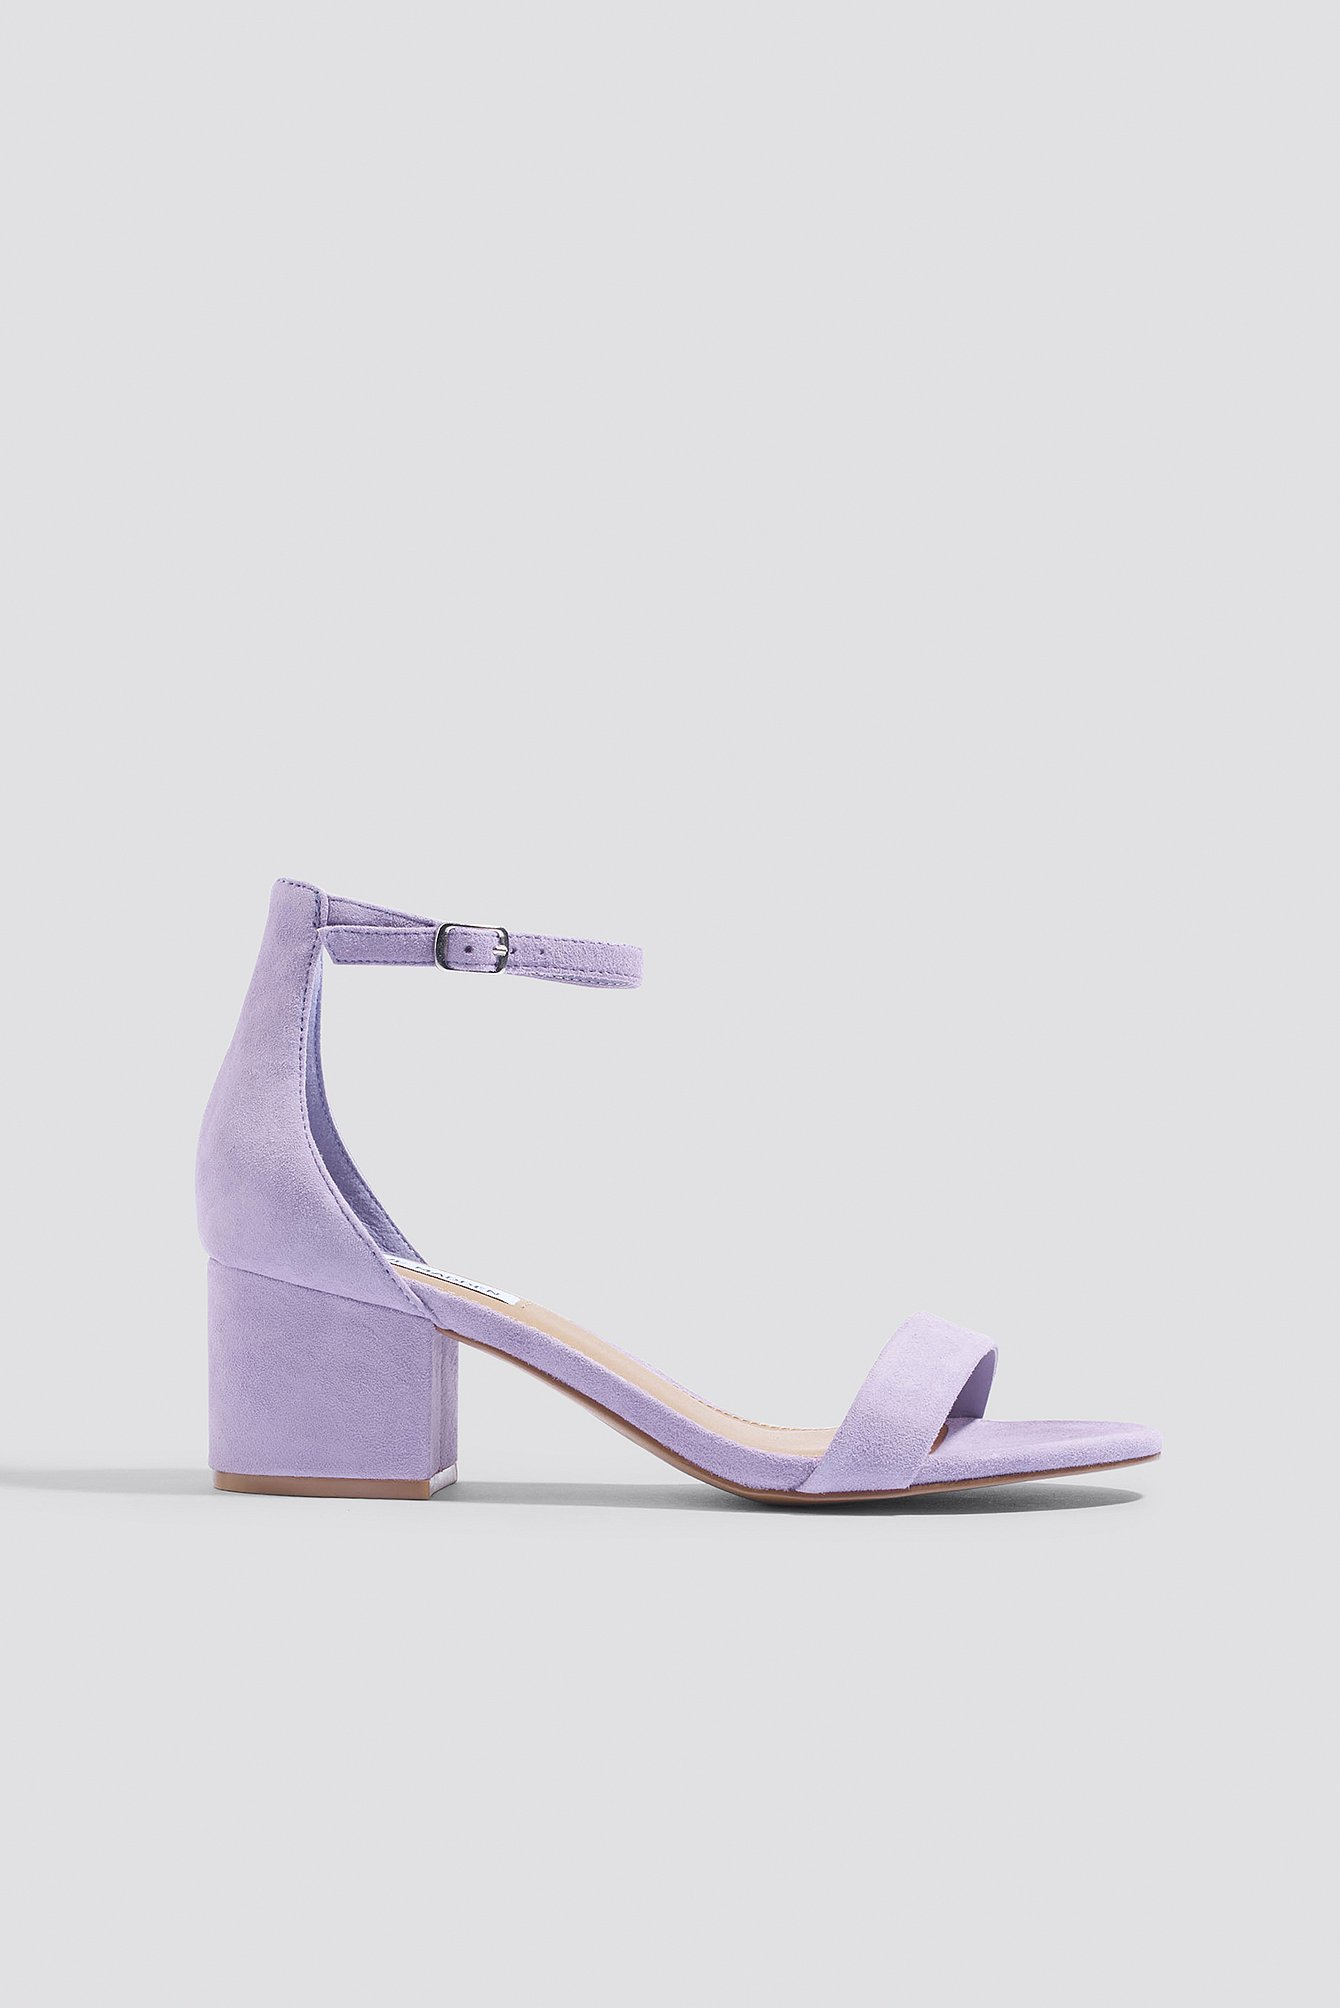 127e75048da Irenee Sandal Lavender